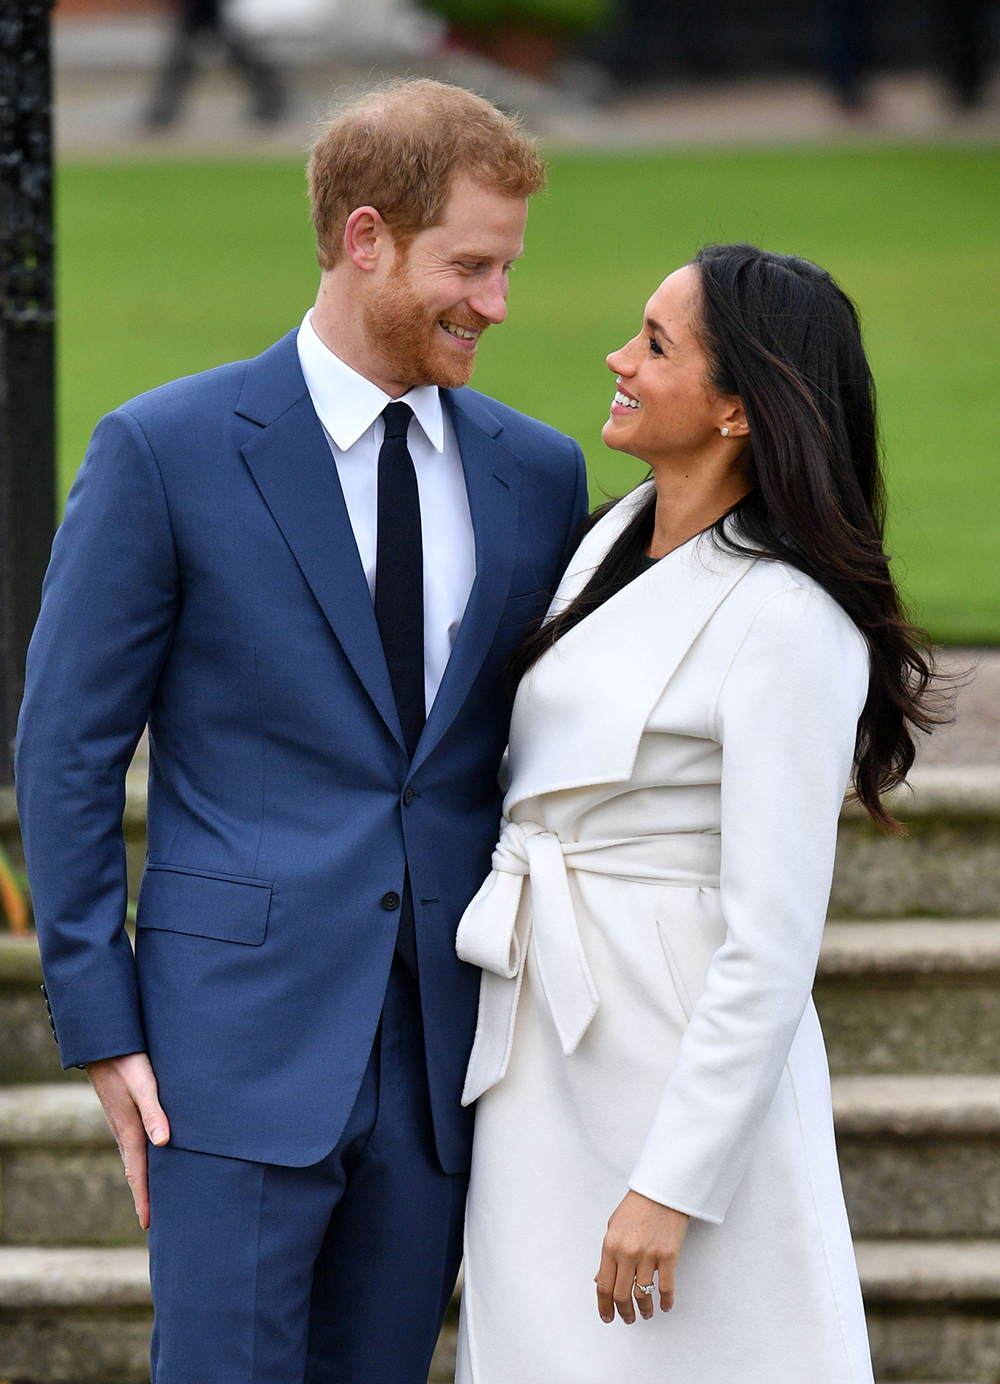 Mandatory Credit: Photo by Tim Rooke/REX/Shutterstock (9243868z) Prince Harry and Meghan Markle Prince Harry and Meghan Markle engagement announcement, Kensington Palace, London, UK - 27 Nov 2017